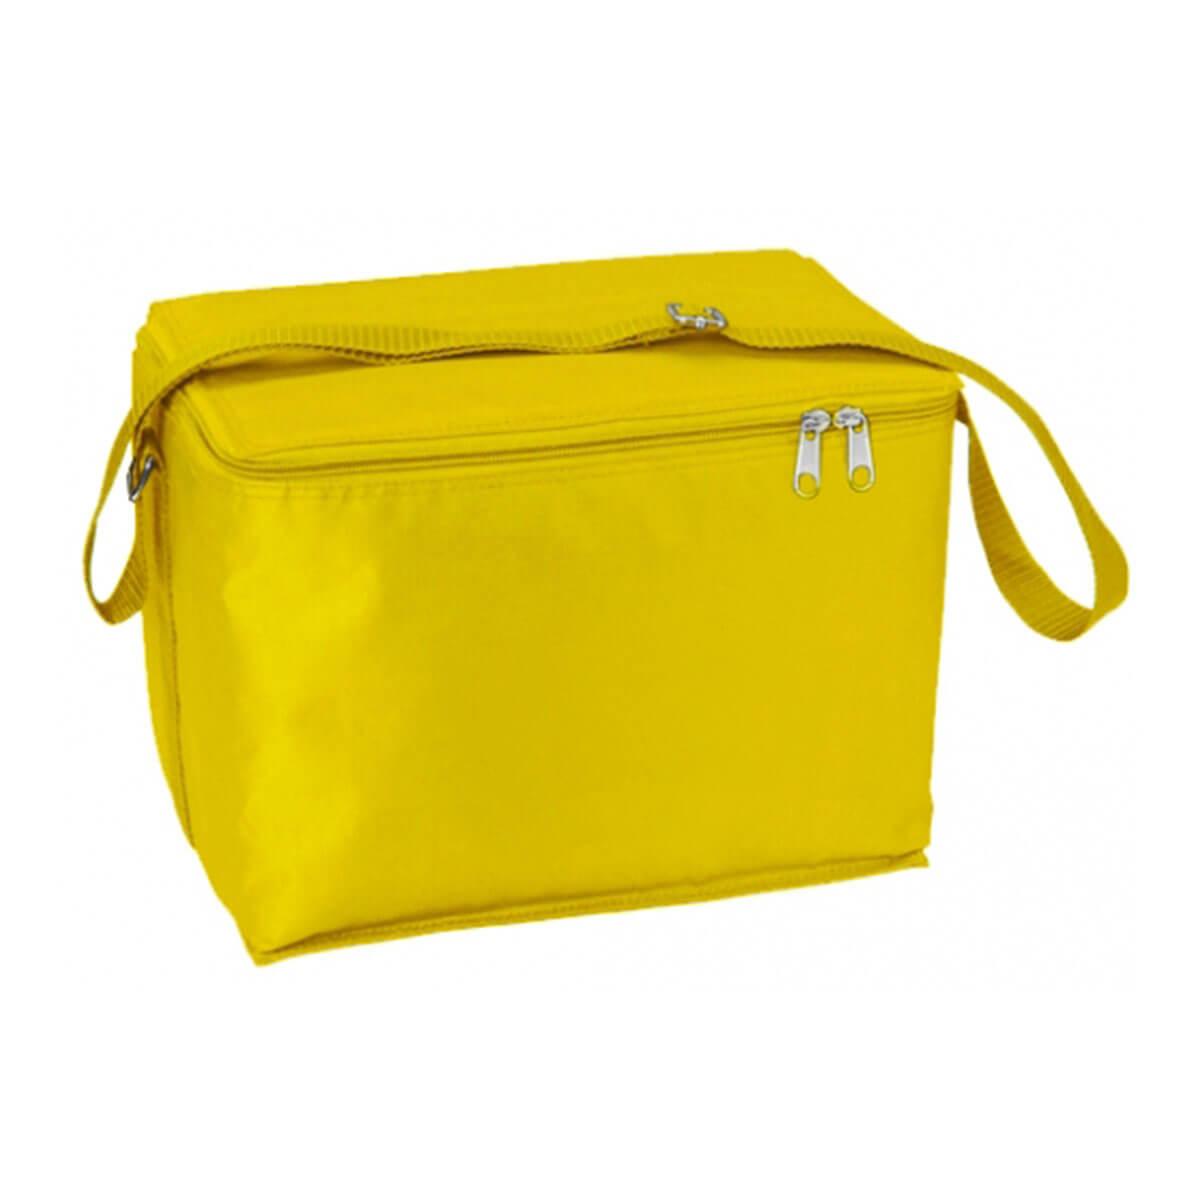 12 Can Cooler Bag-Yellow